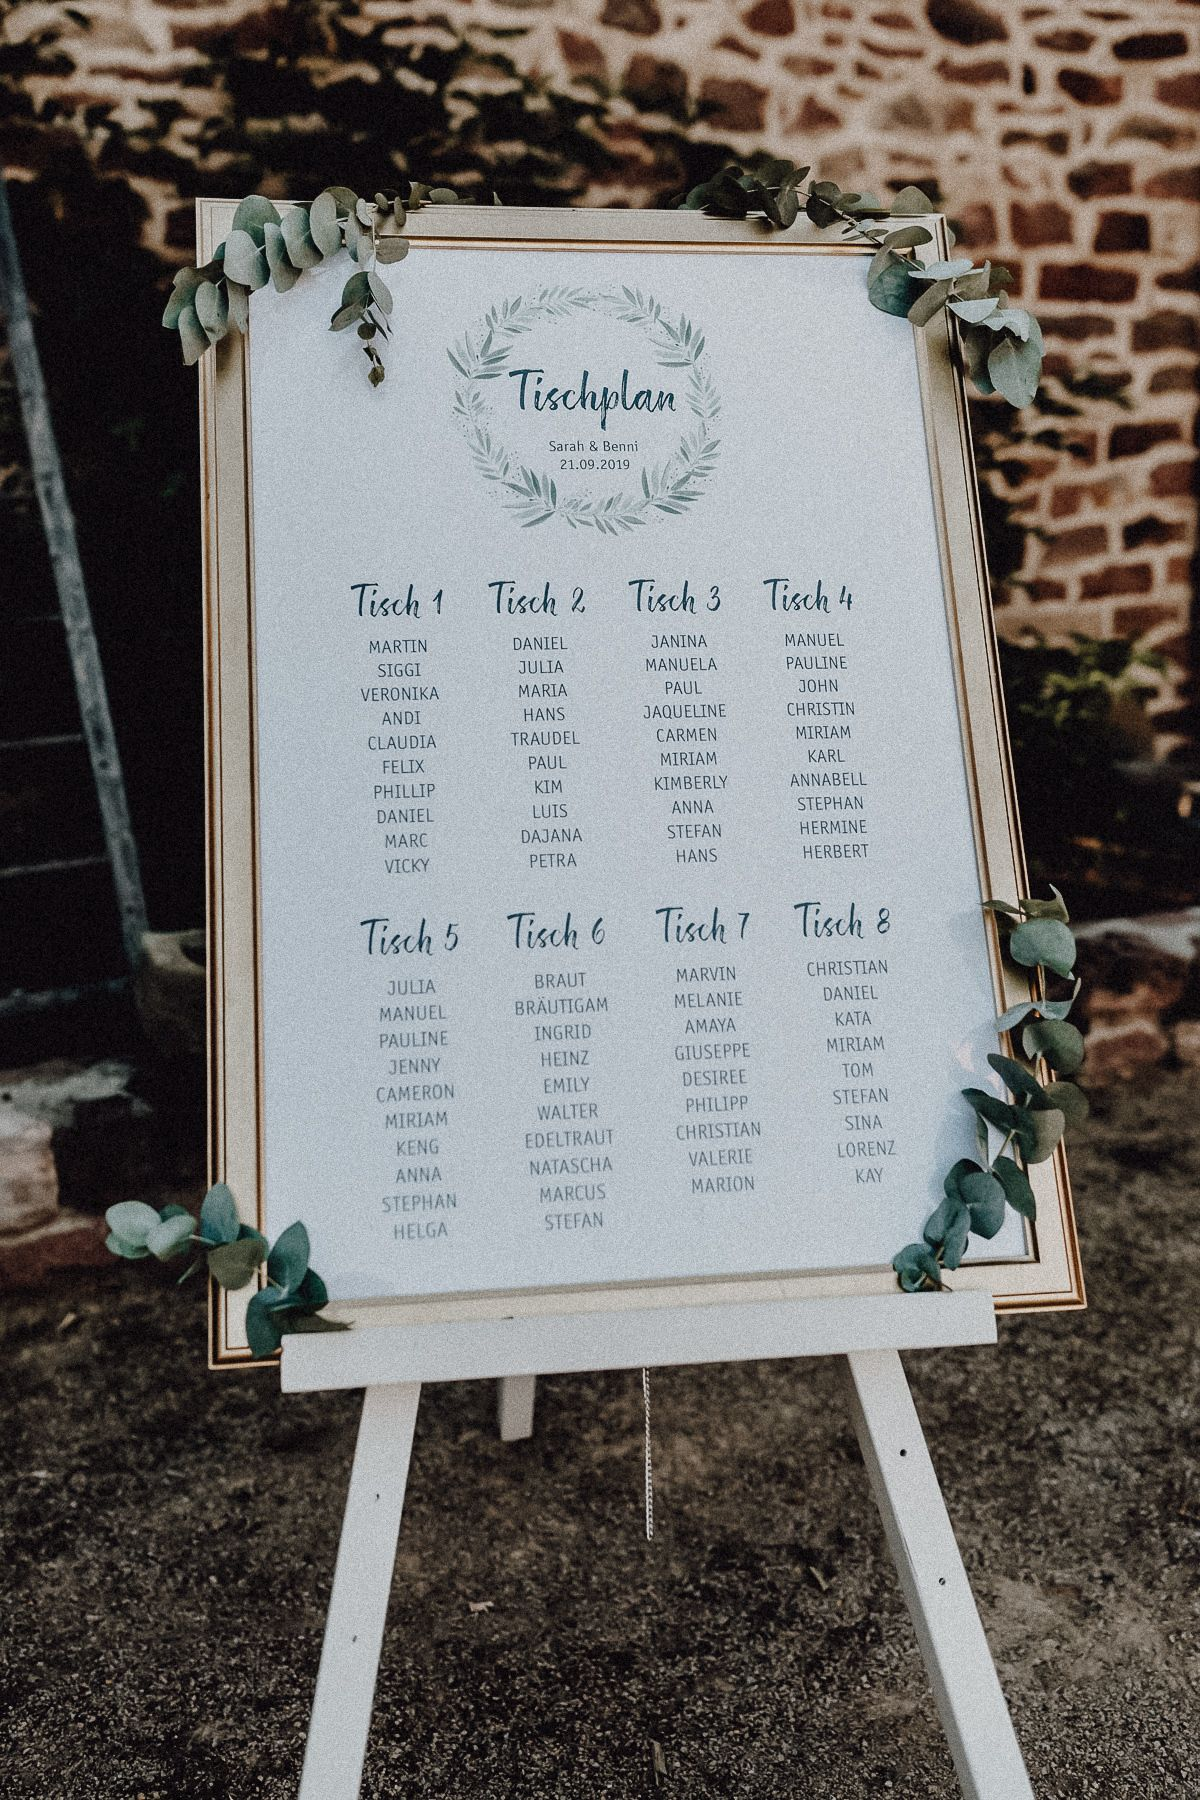 Tischplan Hochzeit | blühende Liebe #weddingplanning